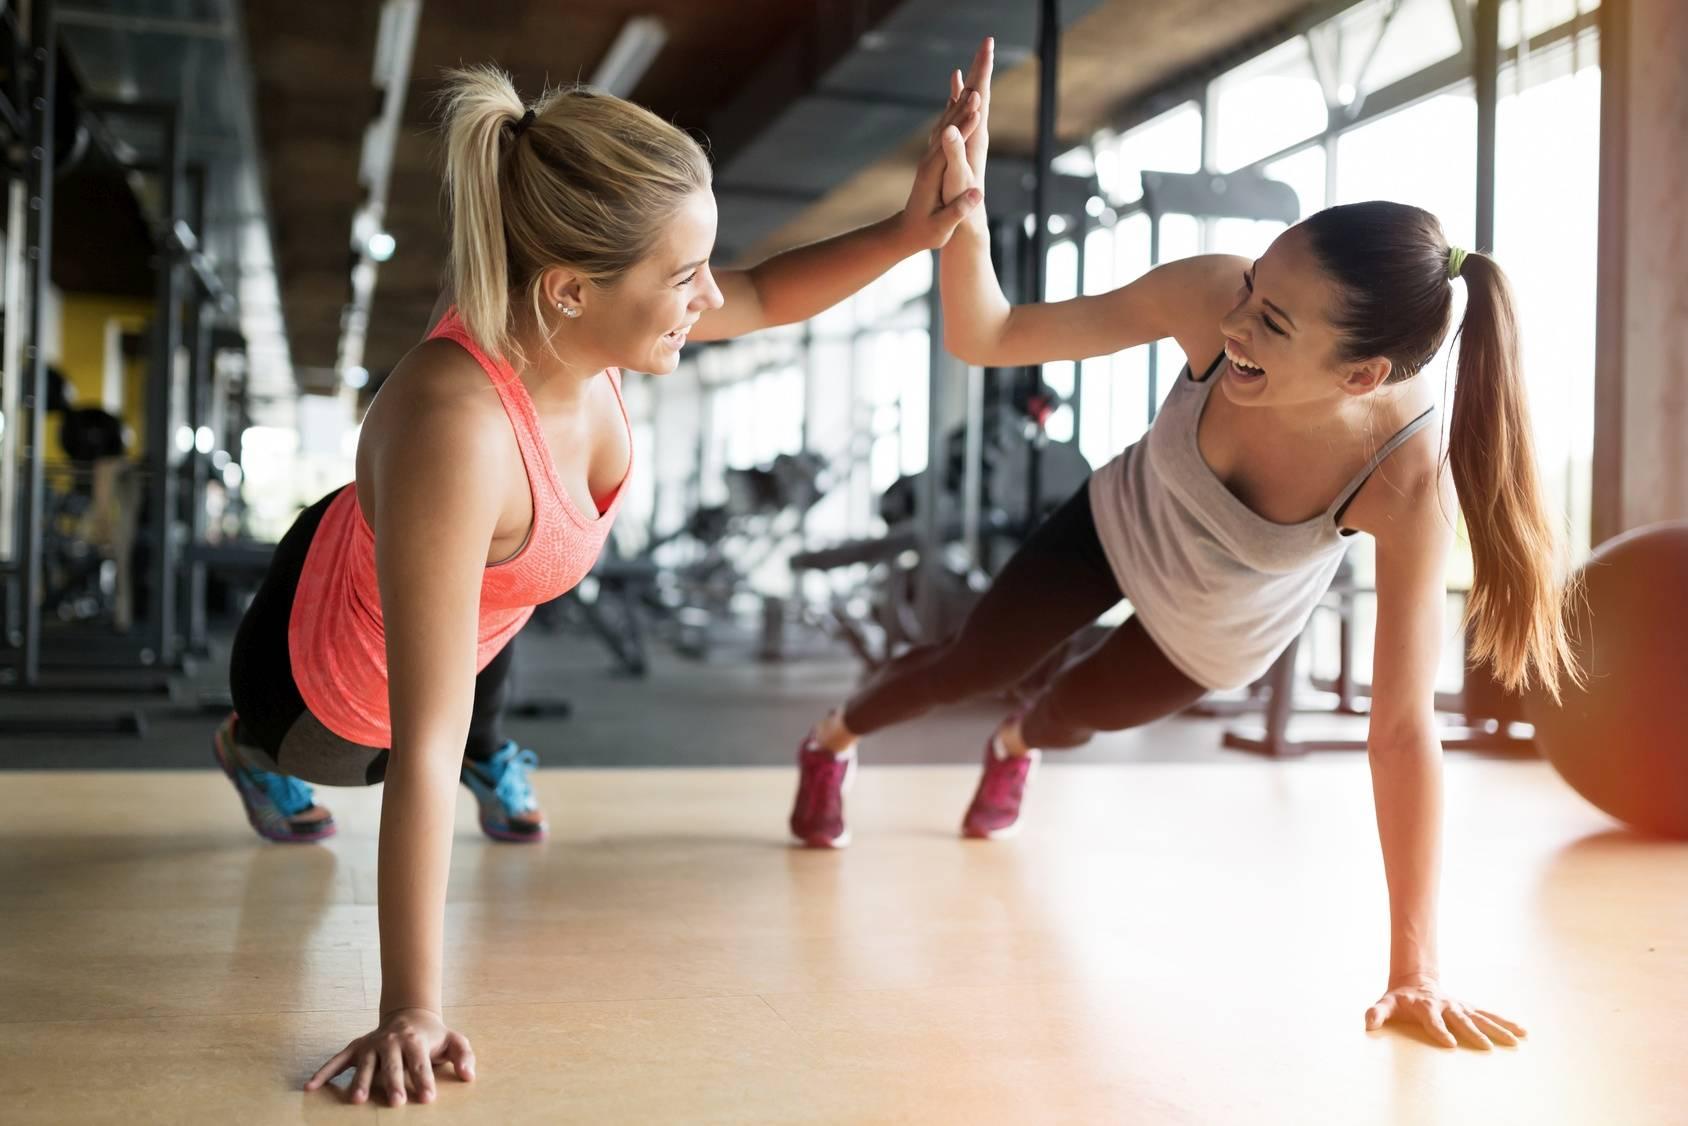 Trening siłowy na siłowni regeneruje organizm i wyszczupla. Dwie koleżanki przybijają sobie piątkę, ćwicząc na siłowni.